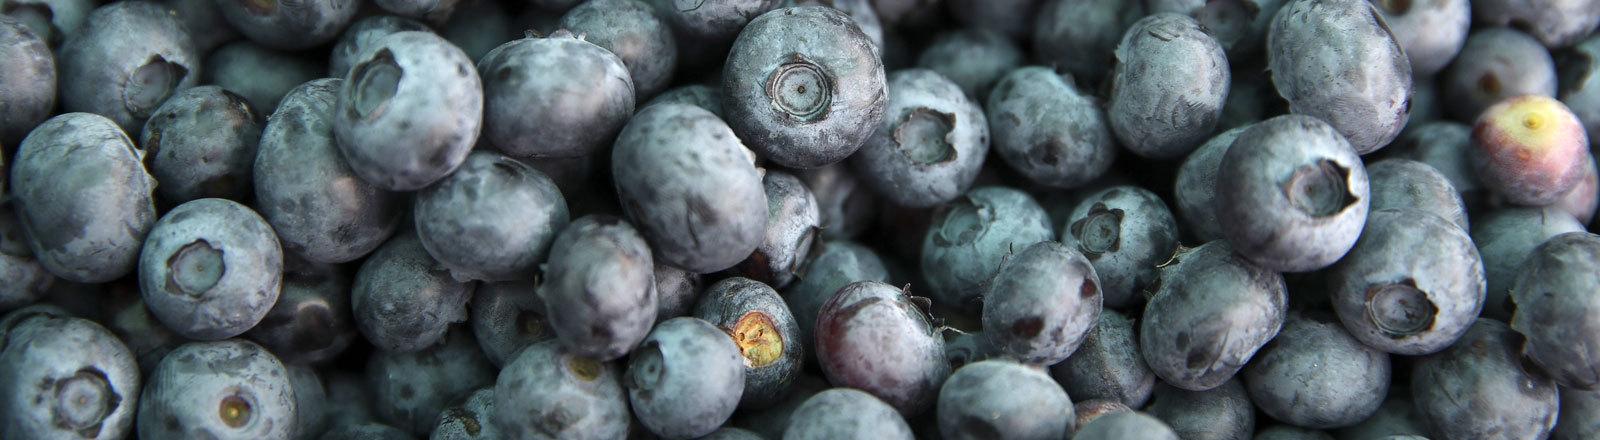 BREST REGION, BELARUS - JULY 8, 2019: Bog blueberry harvested in a field of the BelYagDar farm in the village of Krasynichy, Gantsavichy District.